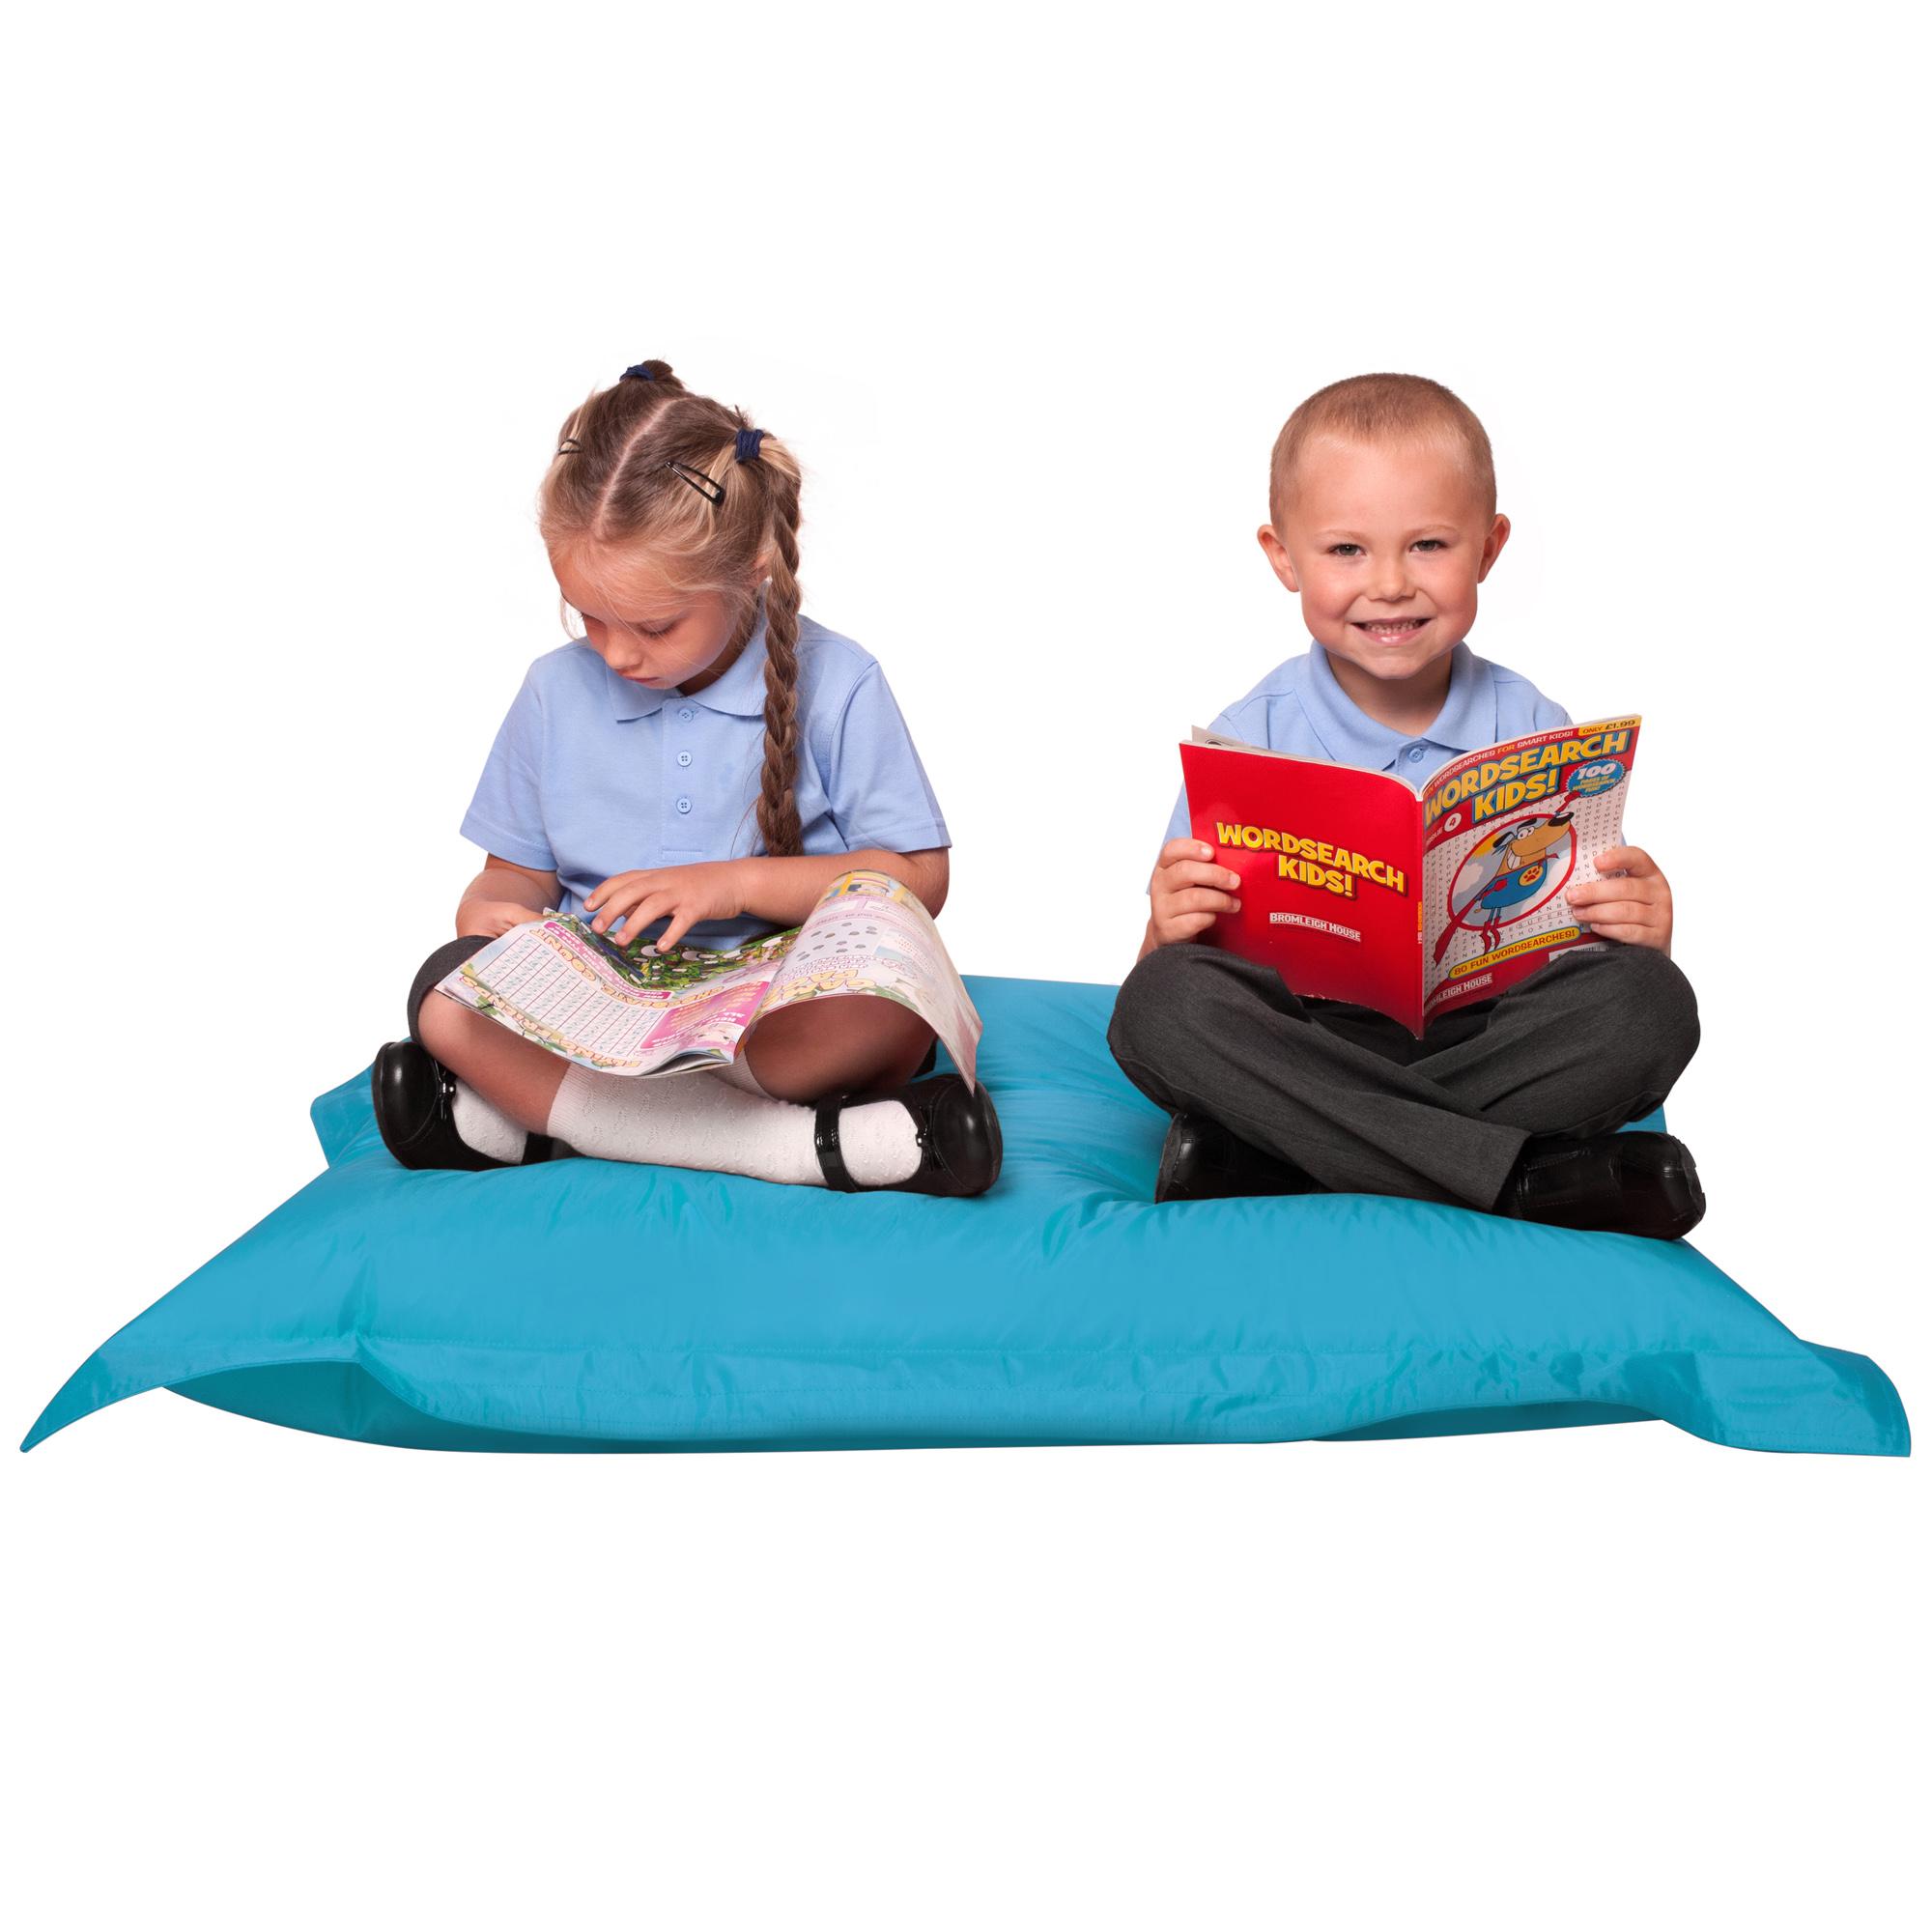 Eden-Childrens-Giant-Cushion-aqua-300dpi-1